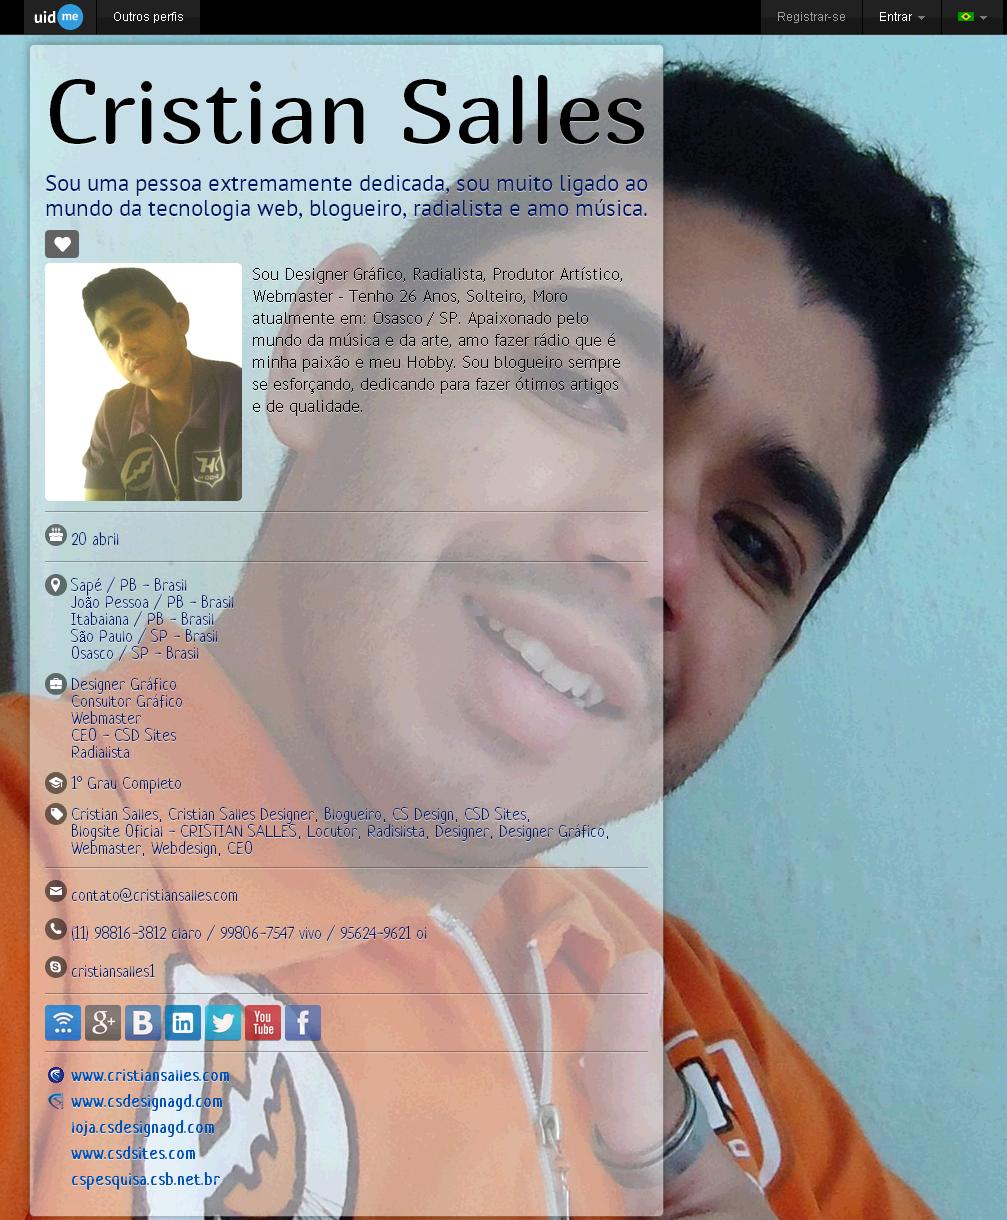 Cristian Salles (cristiansalles) - uid.me